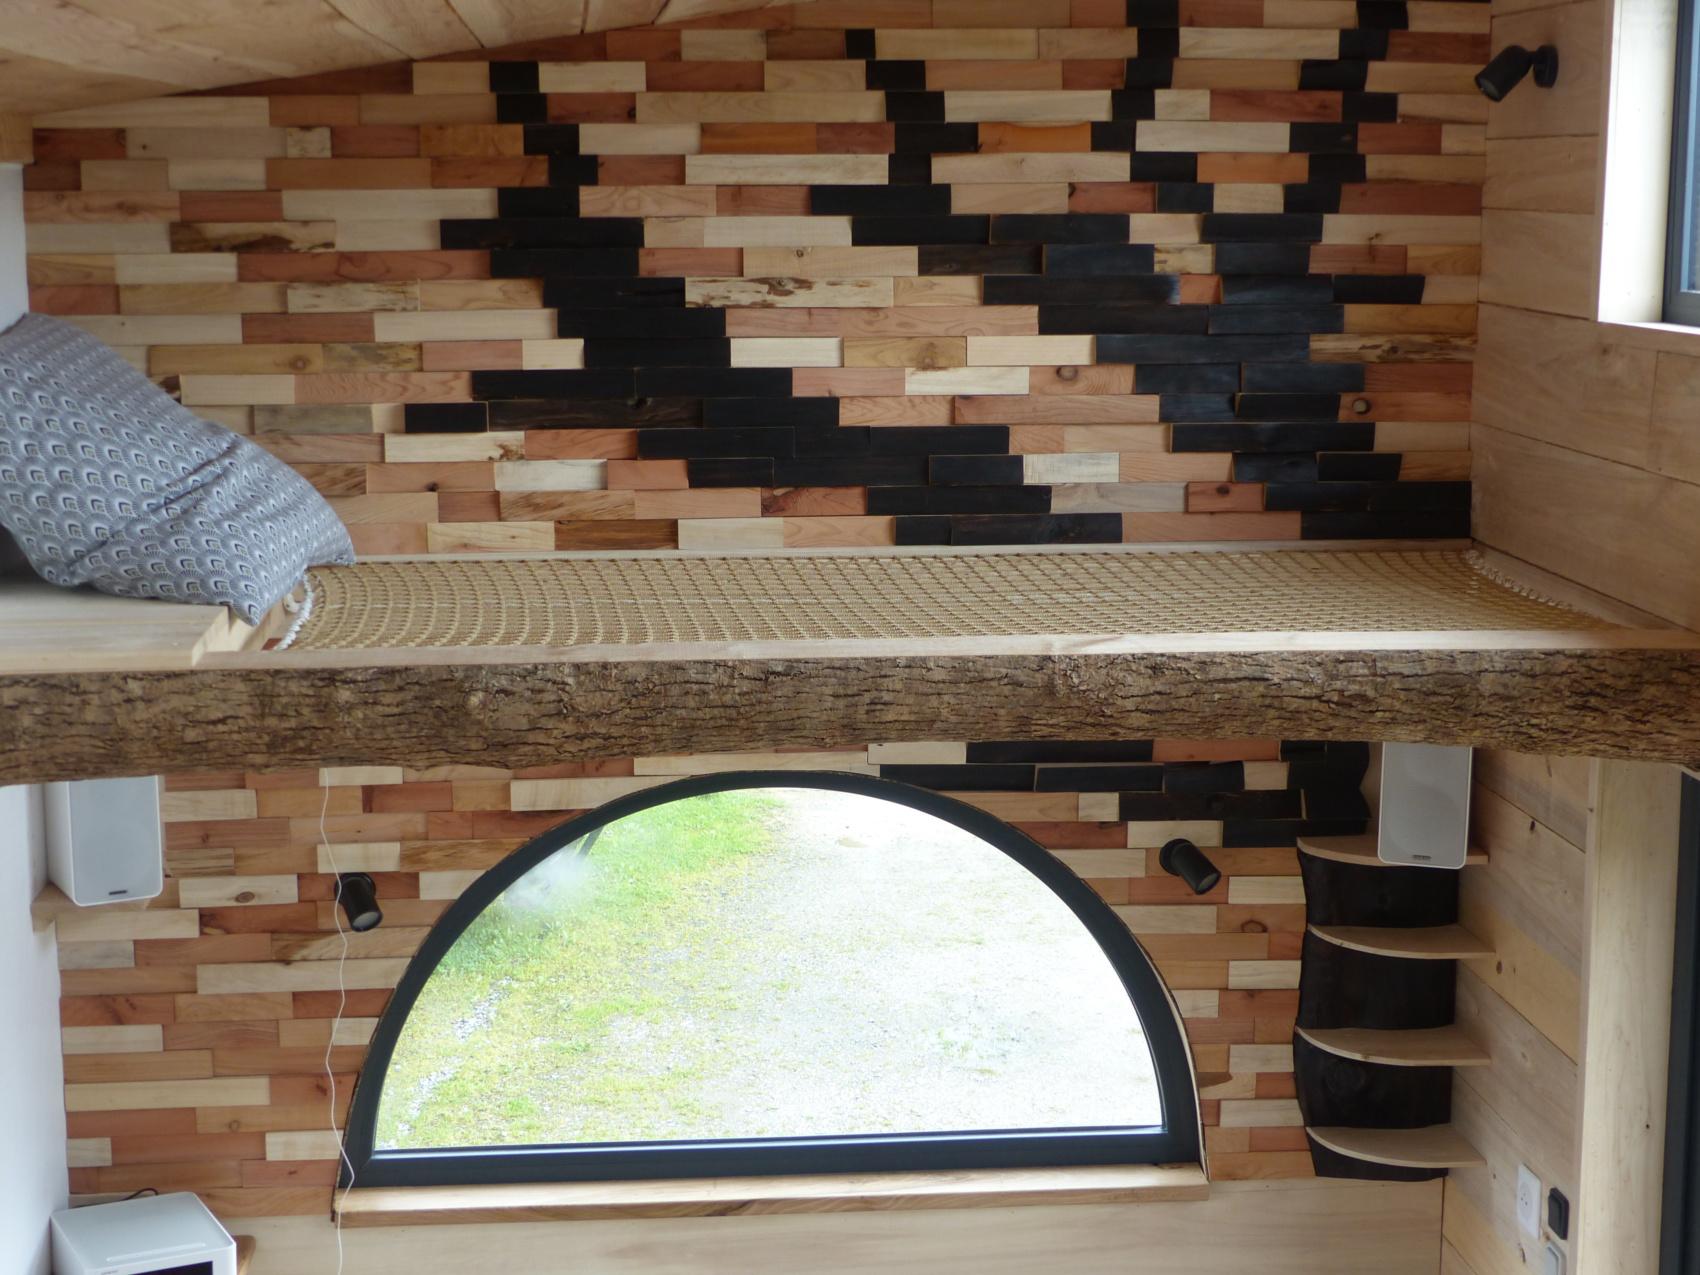 pignon est de la tiny house autonome avec ouverture en aluminium double vitrage en demi-lune et couchage d'appoint